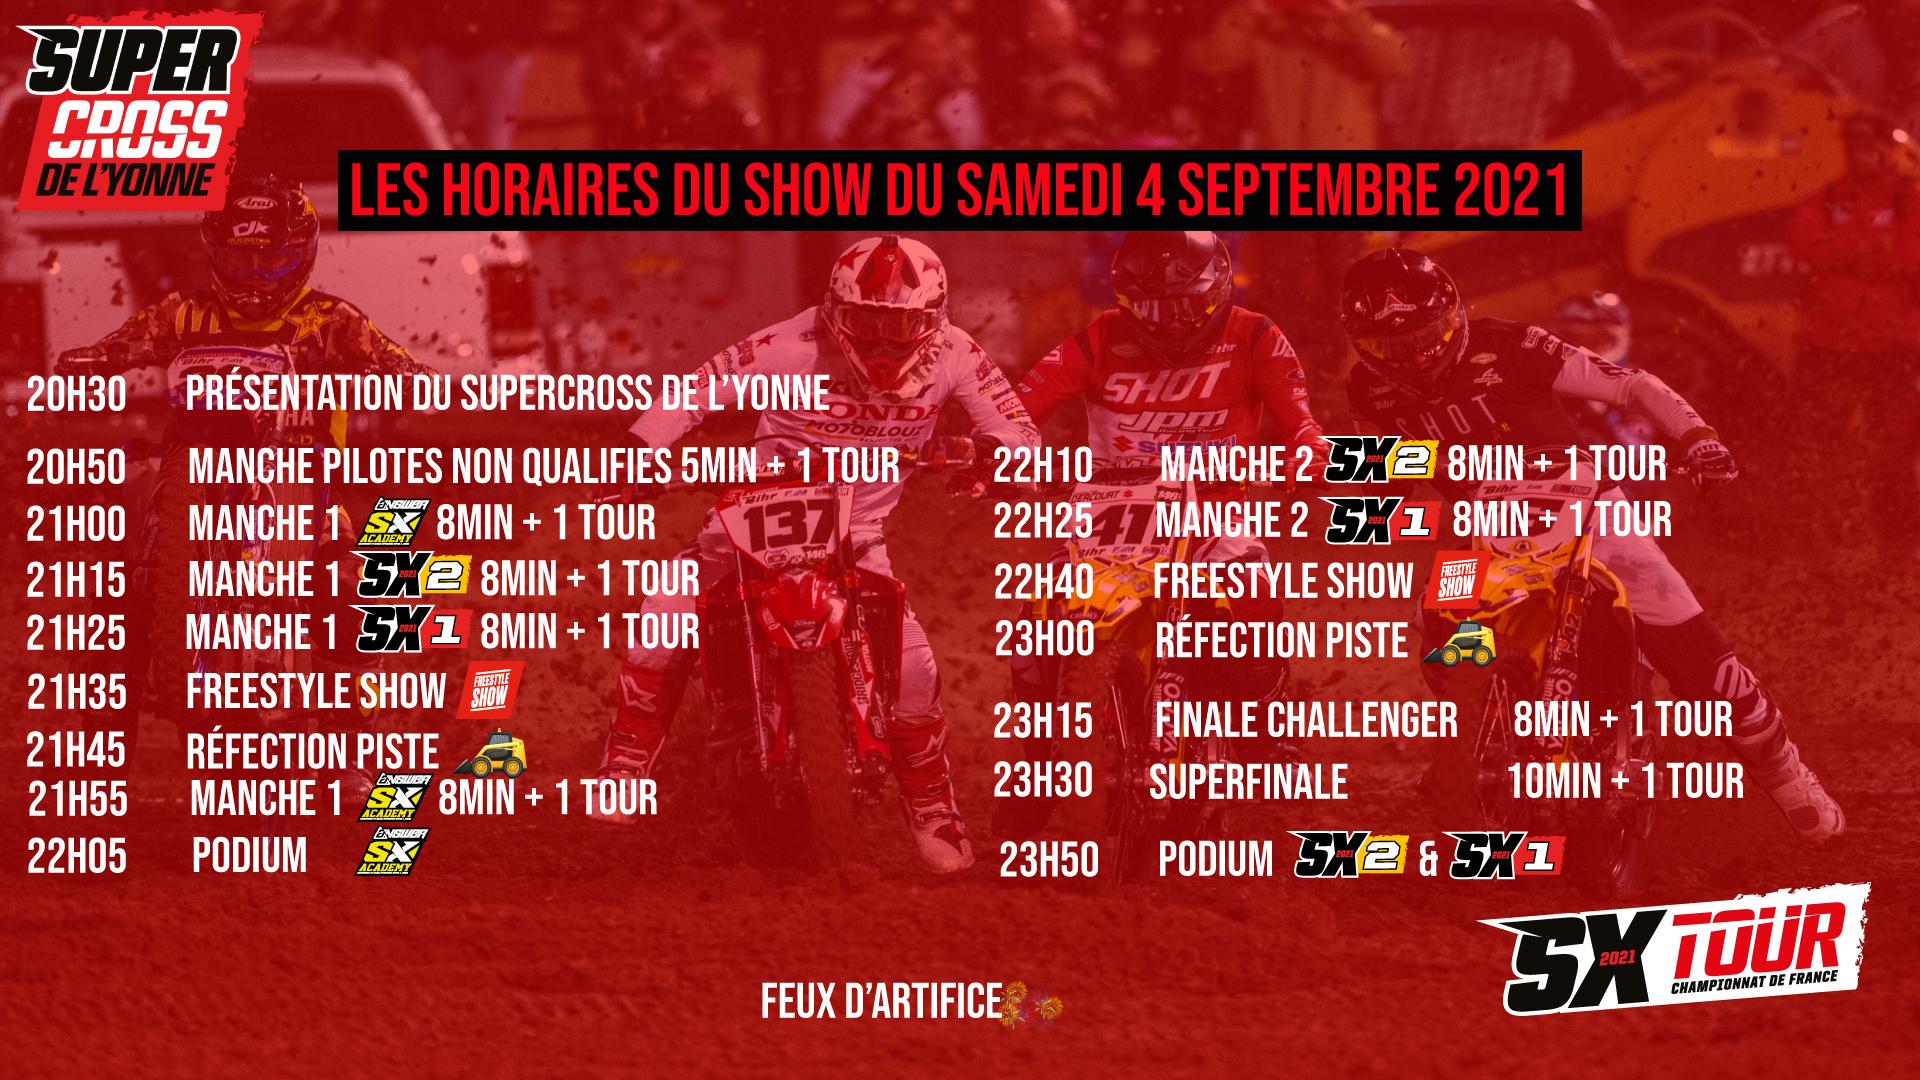 Supercross de l'Yonne 2021 - Les Horaires du Show